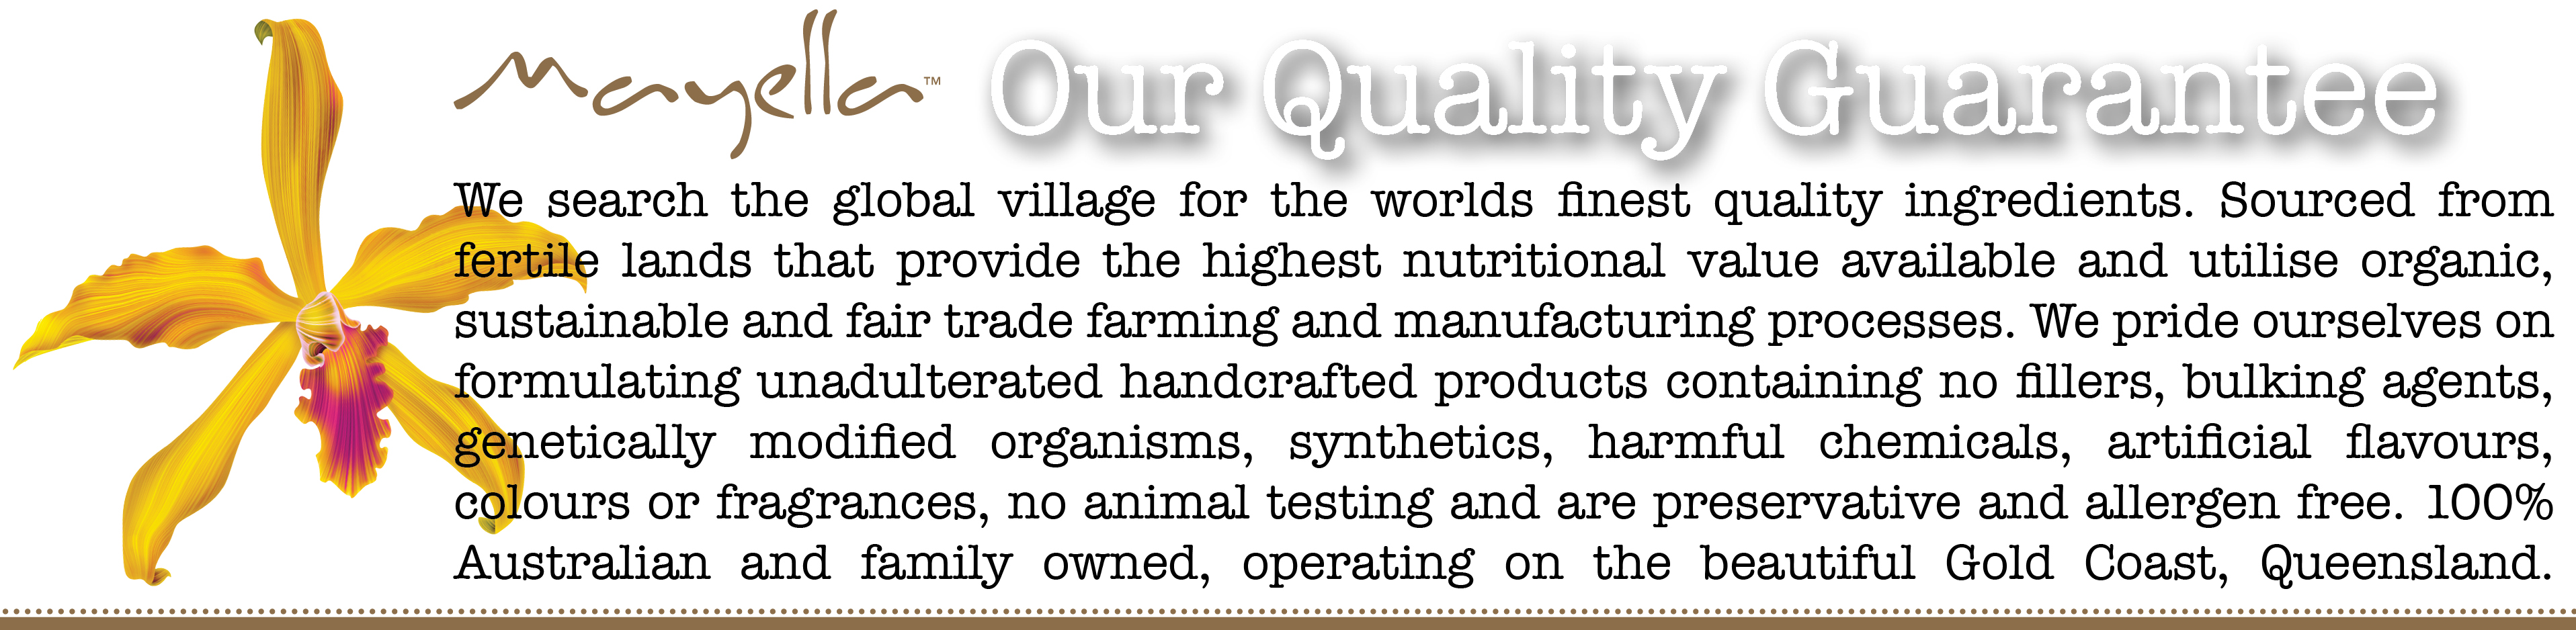 Mayella™ Quality Guarantee